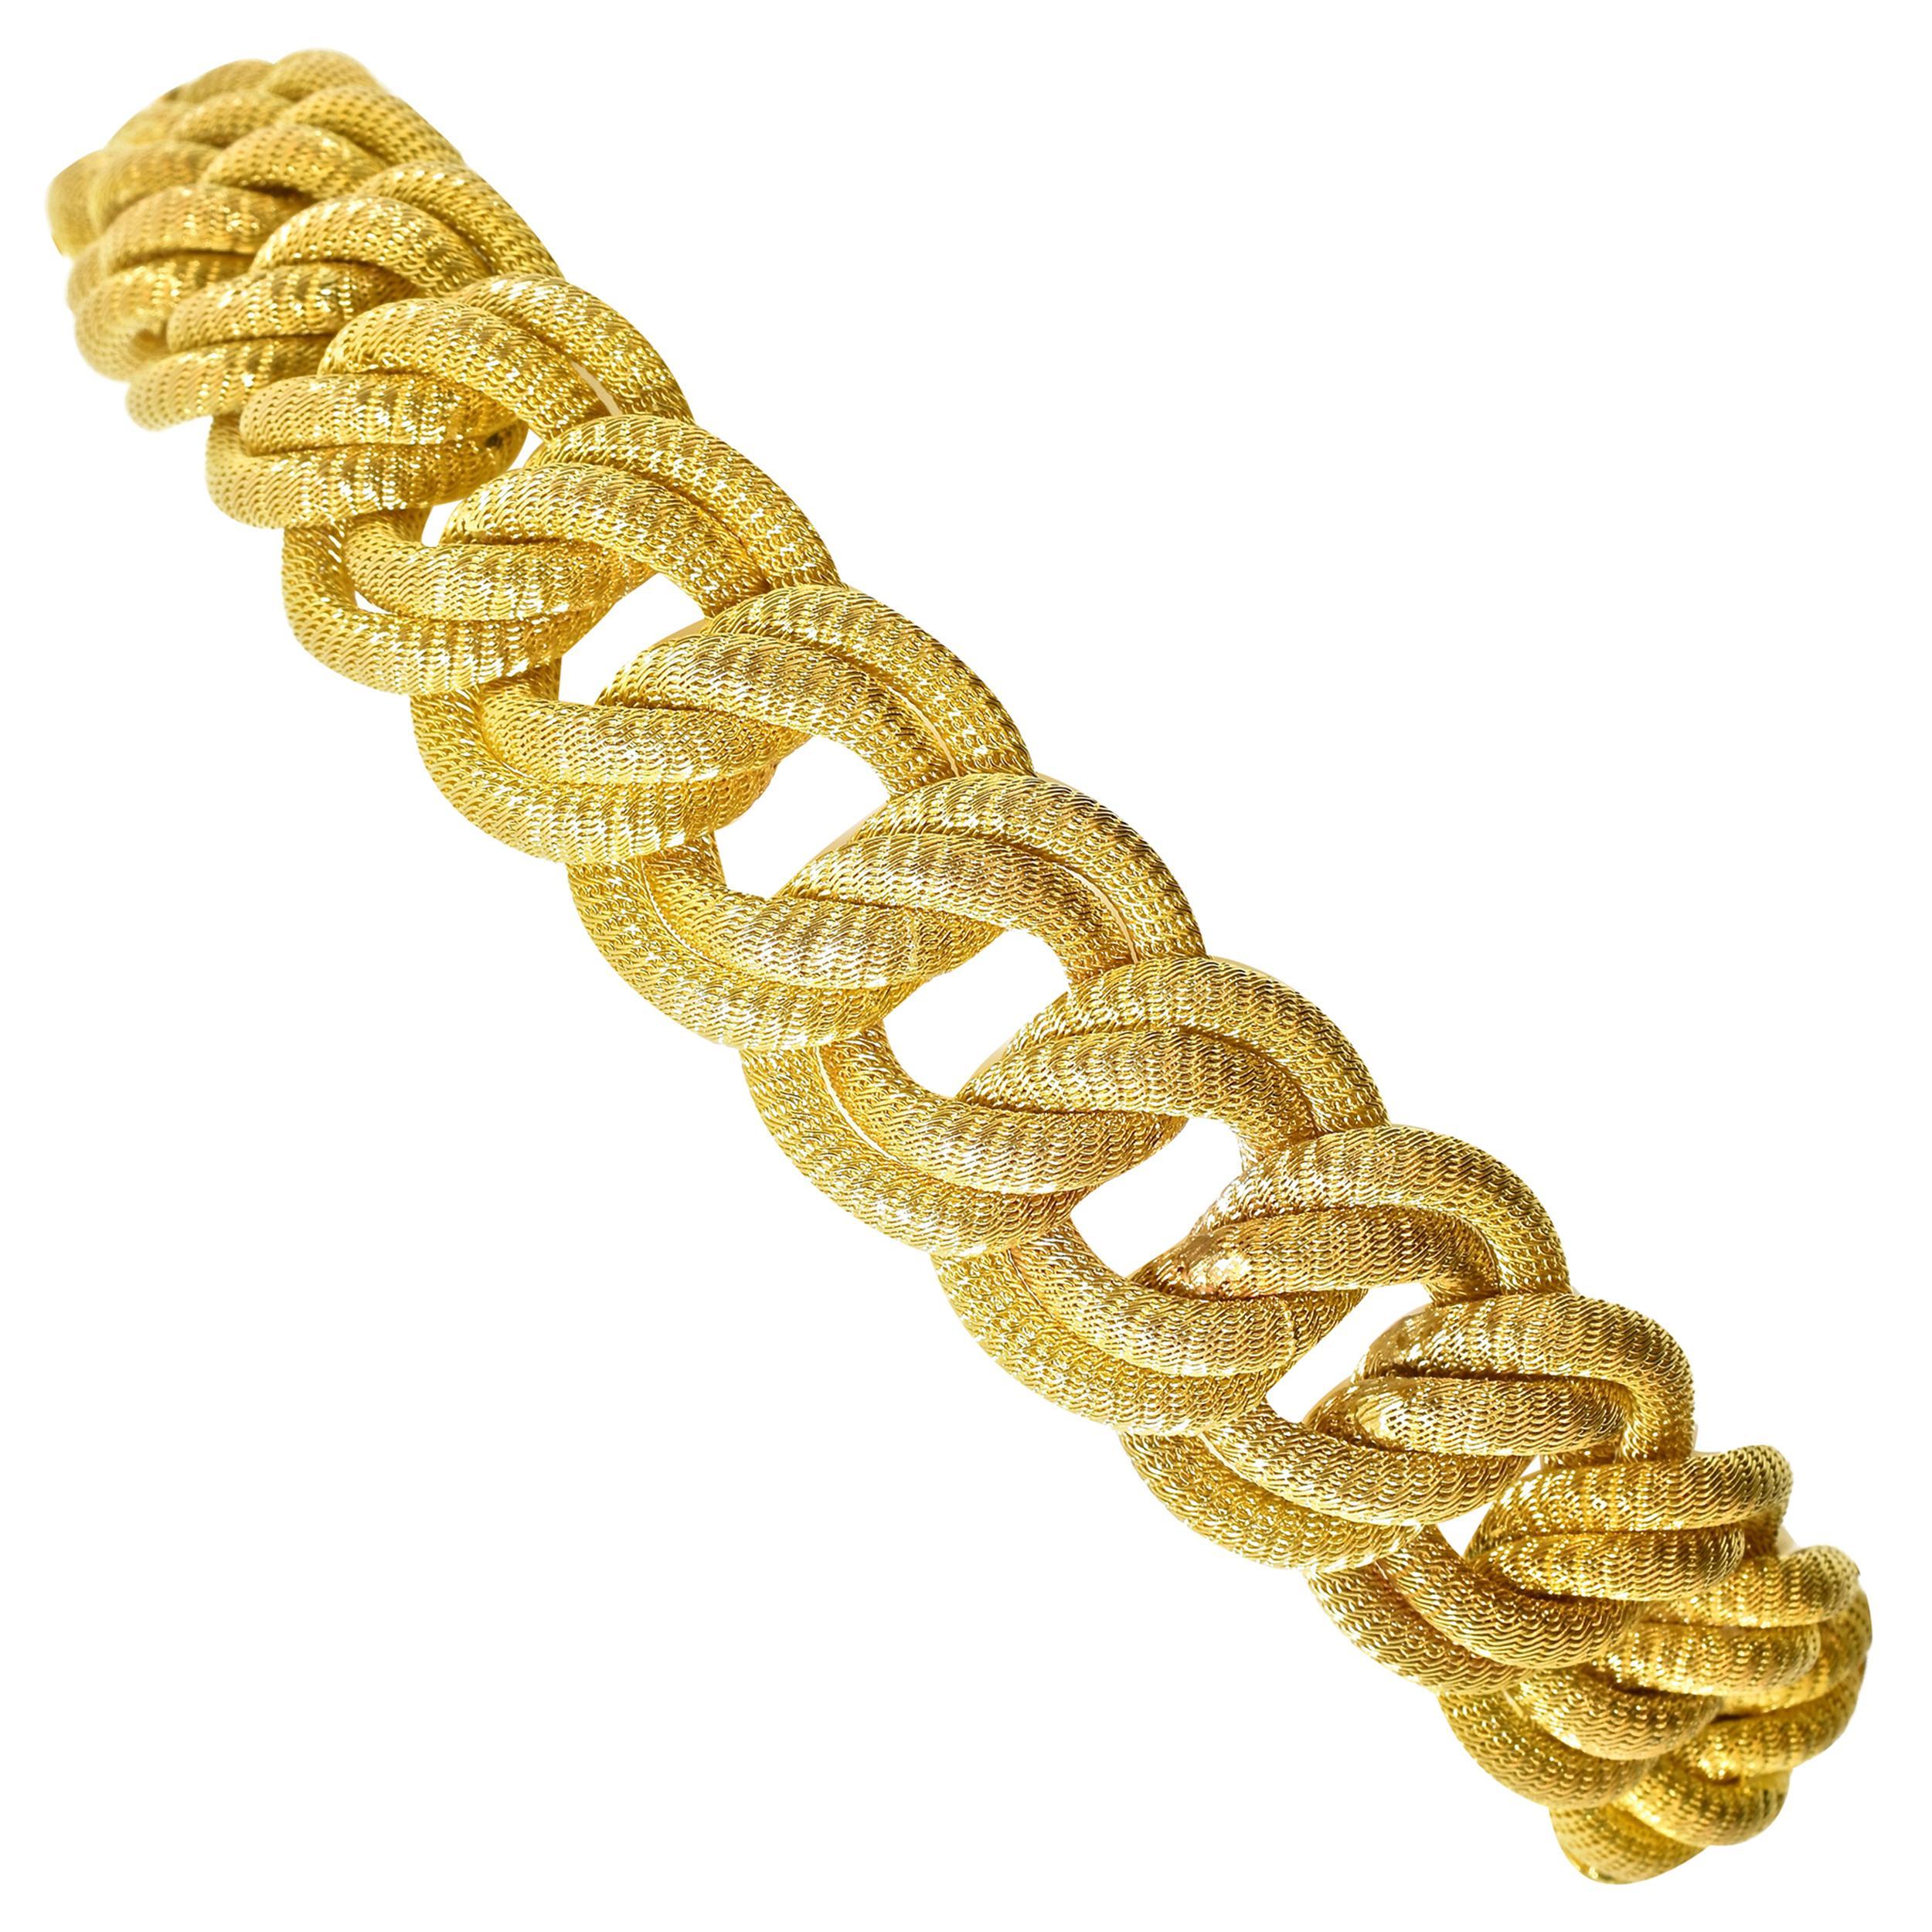 18 Karat Gold Large Bracelet, circa 1960